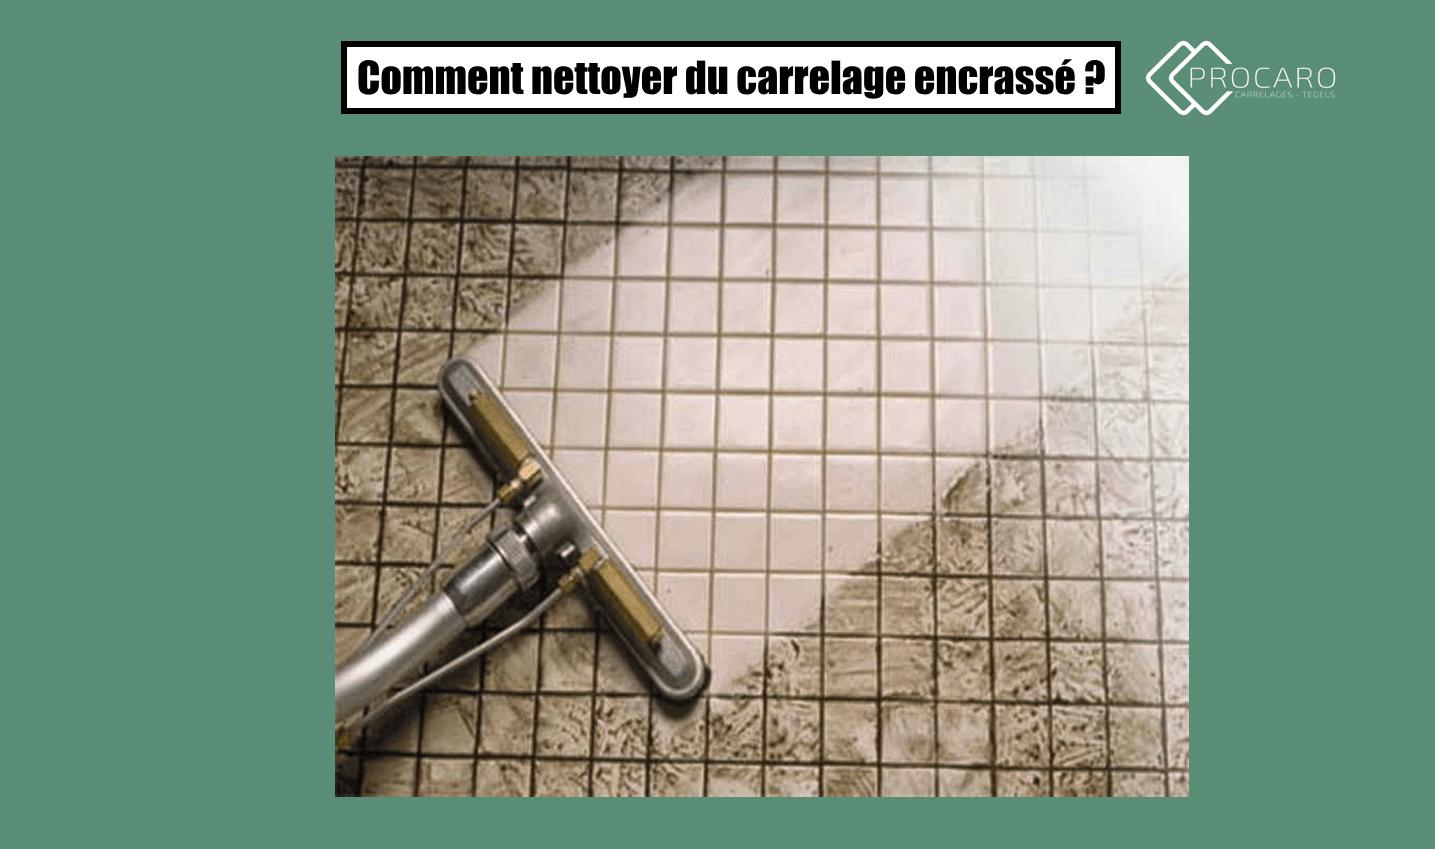 Cristaux De Soude Nettoyage comment nettoyer du carrelage encrassé ?